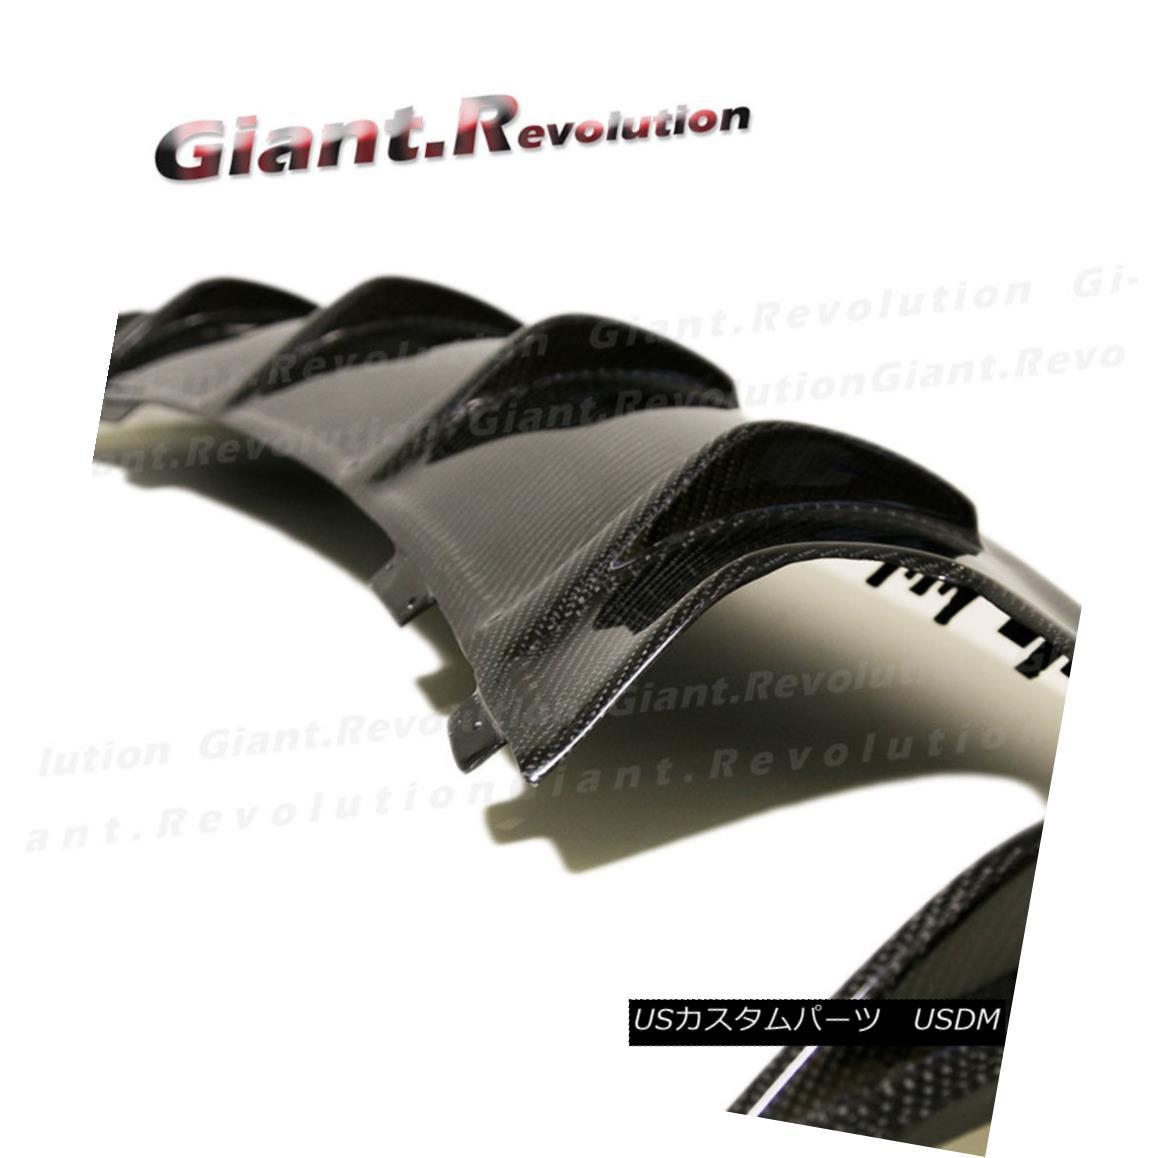 エアロパーツ CFRP Carbon Fiber Bumper Diffuser Fit 13-17 BENZ W117 C117 CLA45 CLA250AMG 4DR CFRPカーボンファイバーバンパーディフューザーフィット13-17 BENZ W117 C117 CLA45 CLA250AMG 4DR